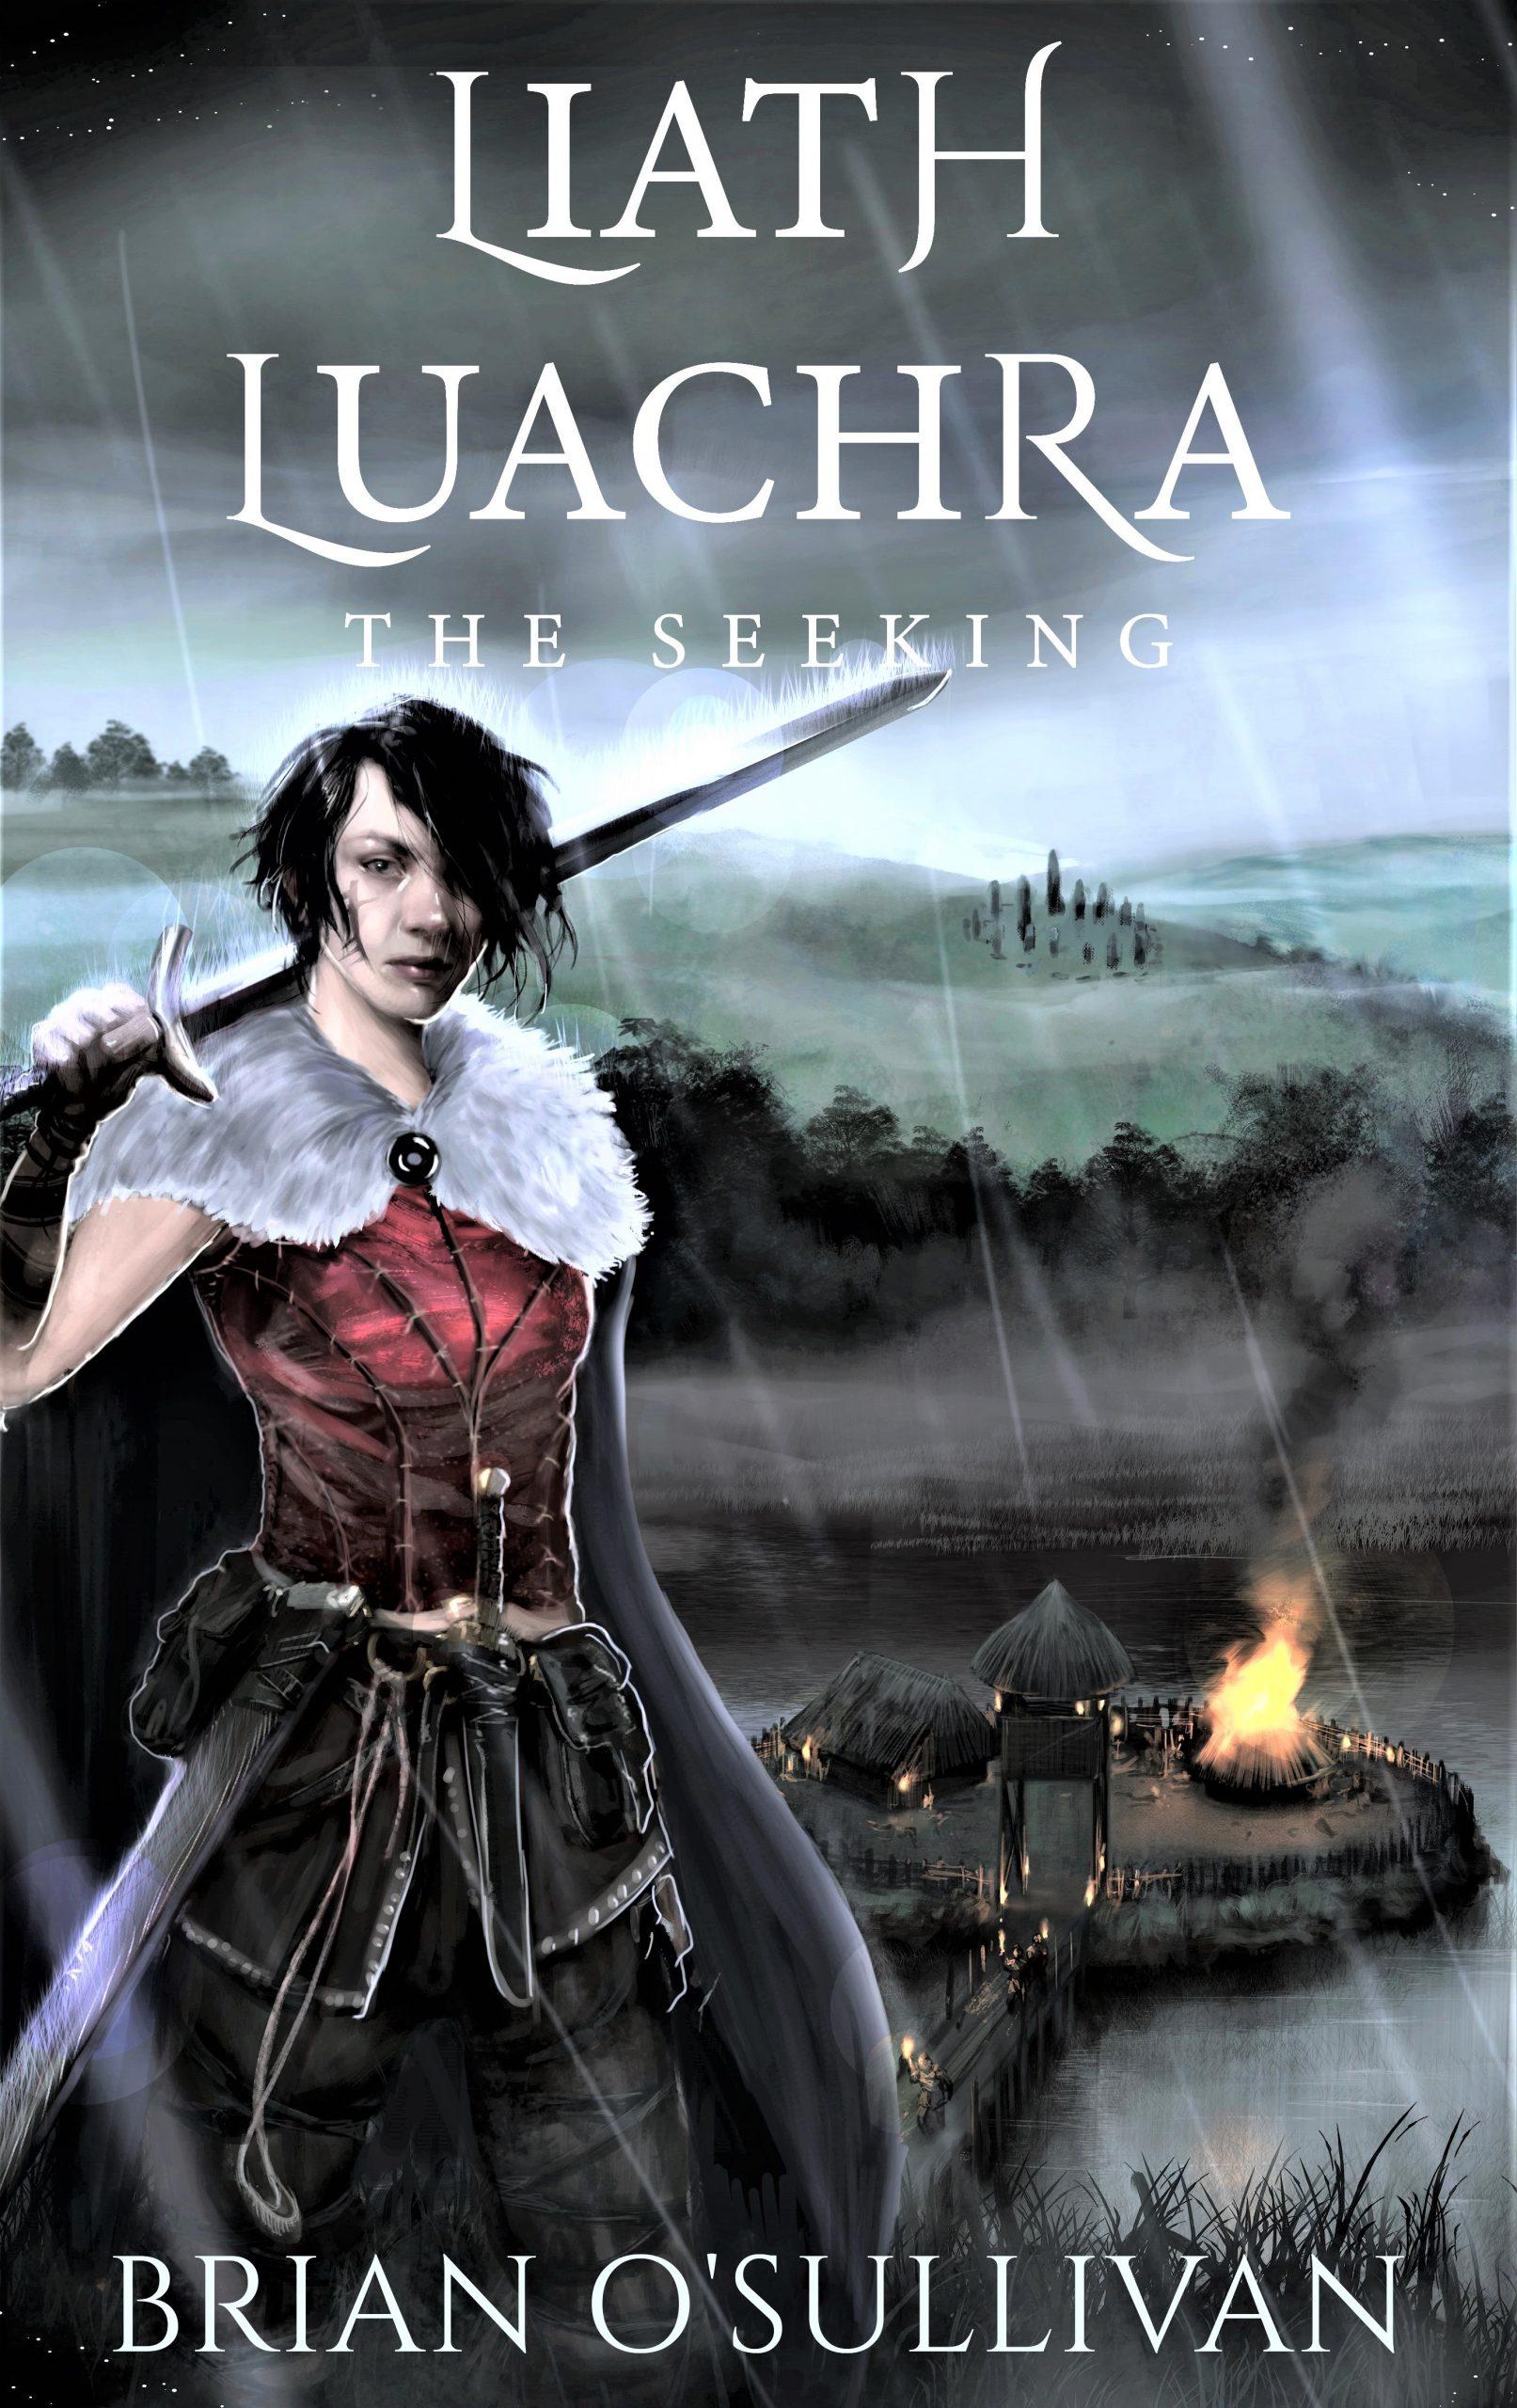 Liath Luachra: The Seeking